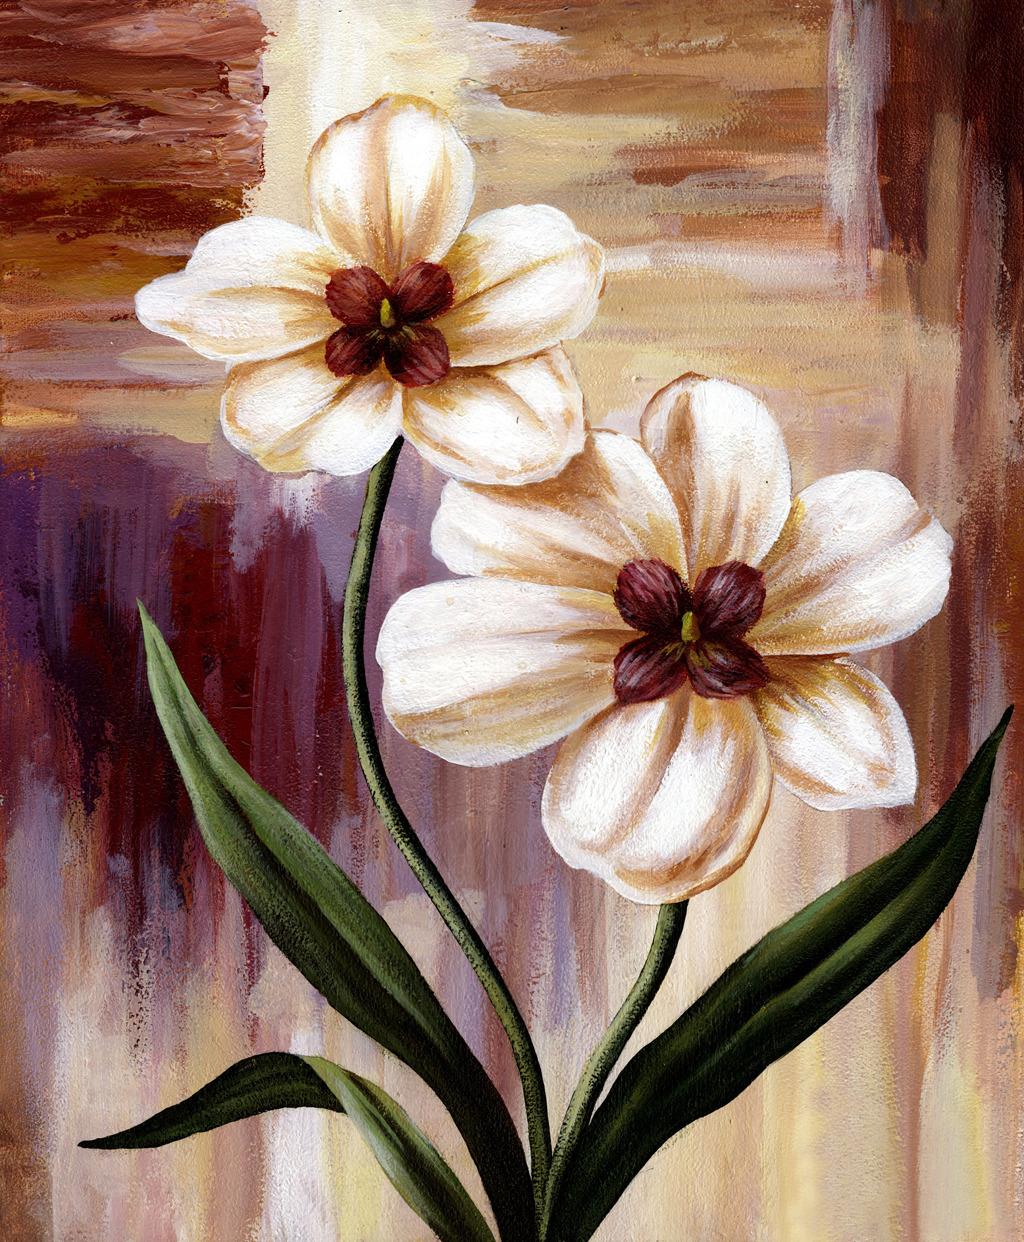 沙发电视客厅玄关装饰装修 油画 手绘油画 花朵花卉 花朵花卉 花朵